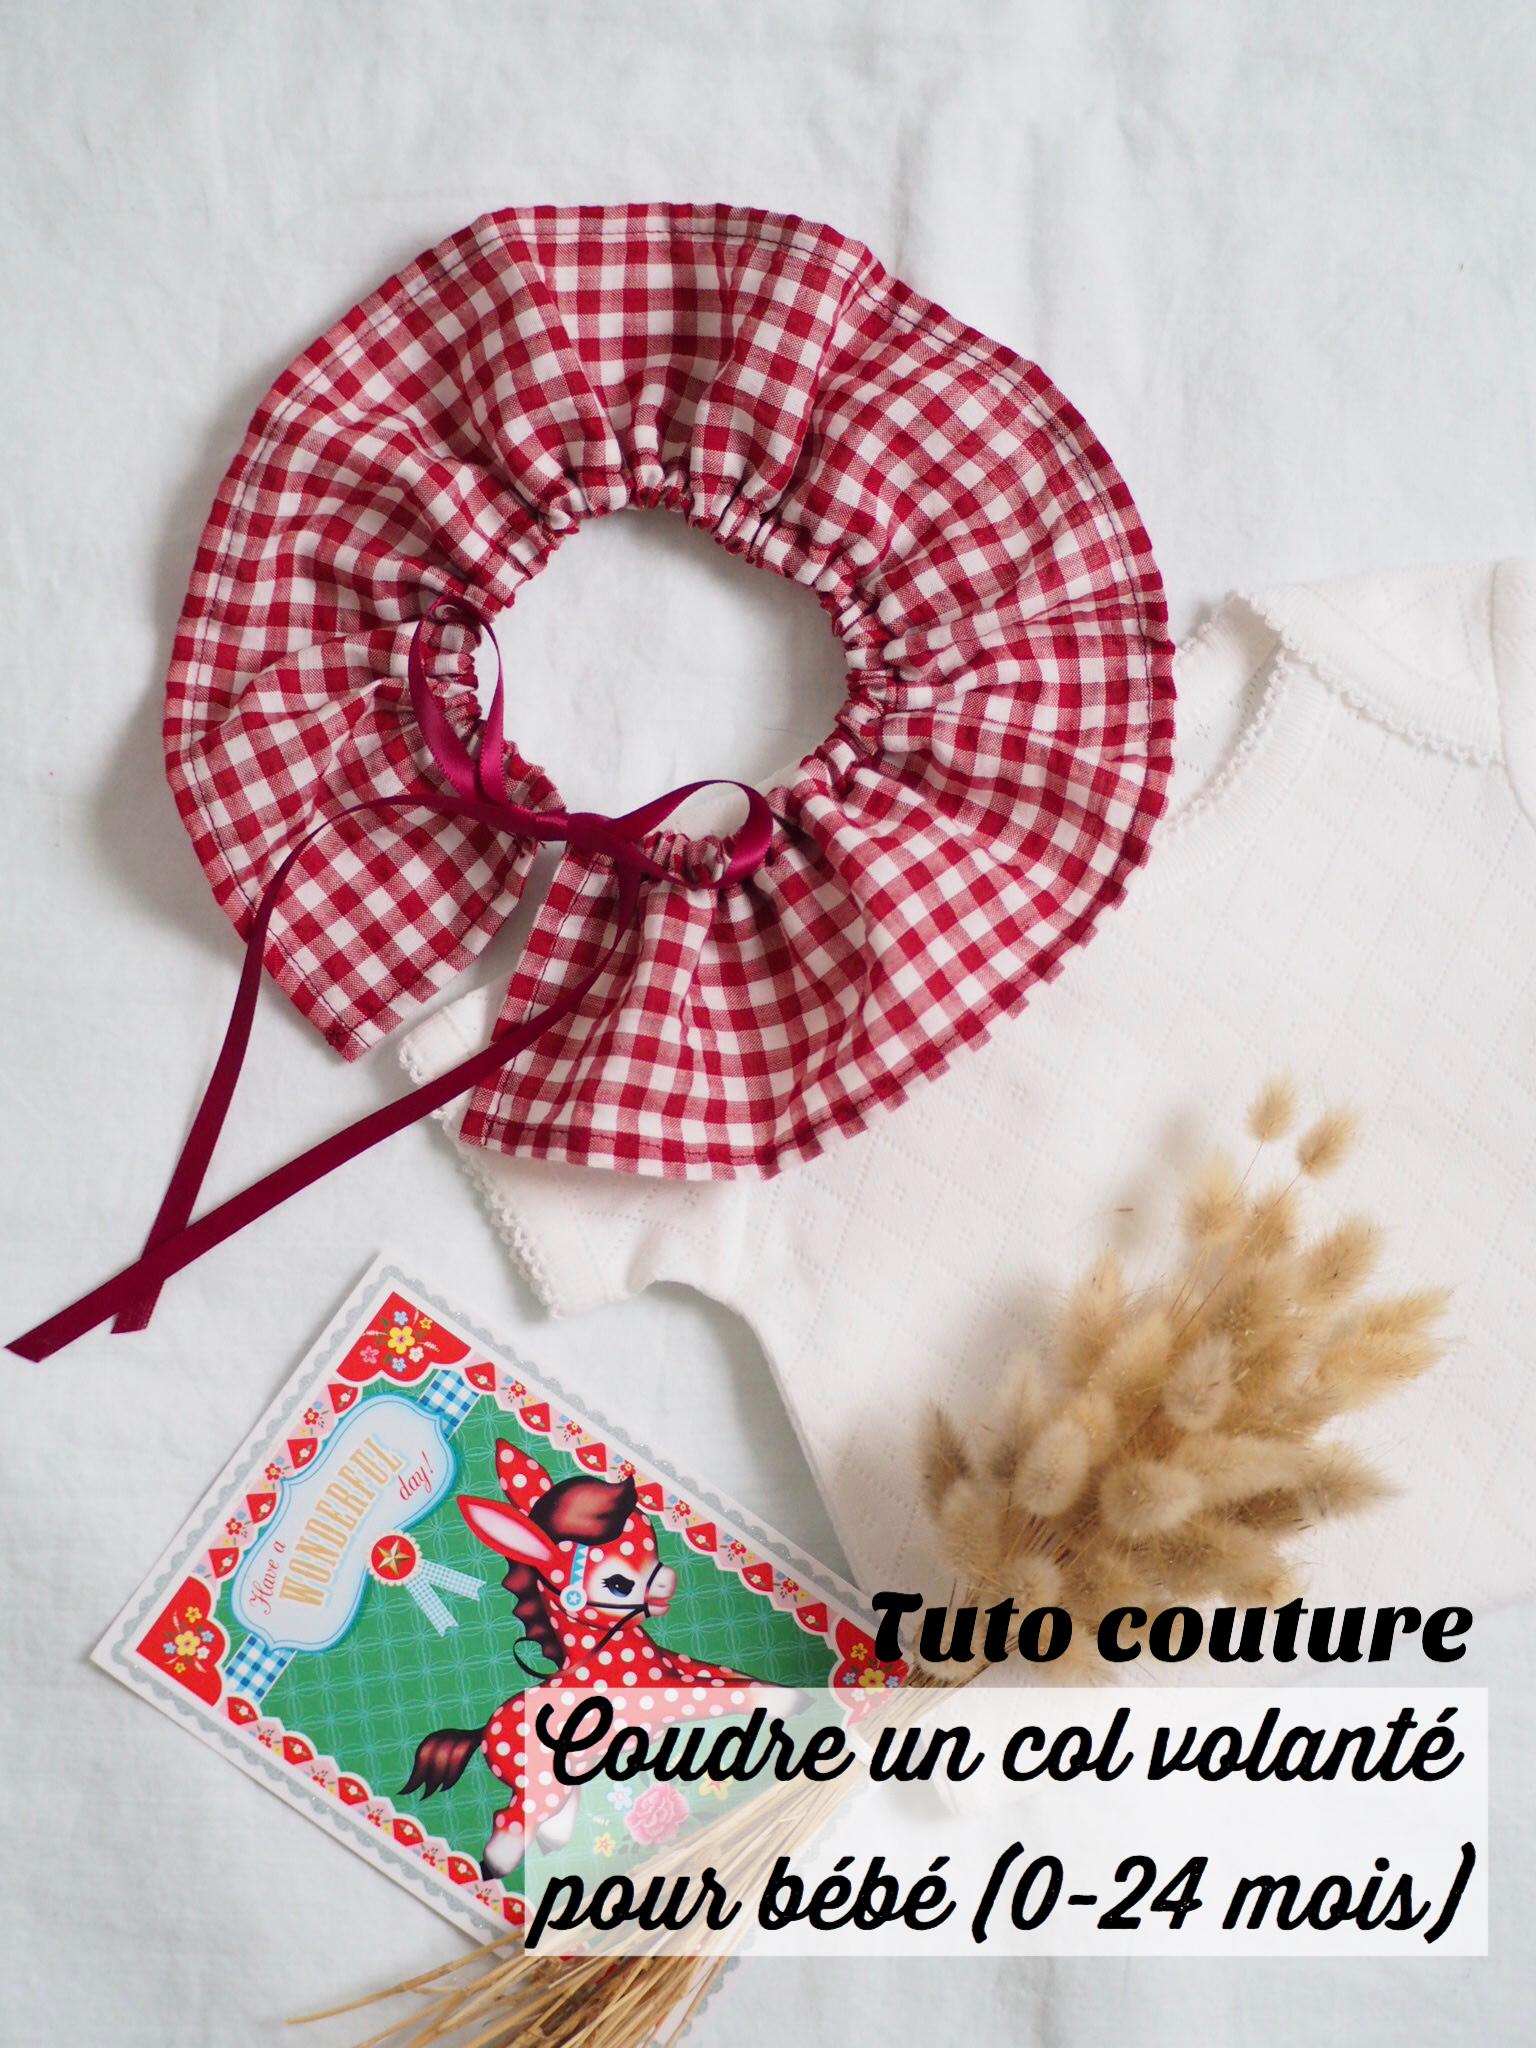 Tuto Couture Coudre Un Col Volante Pour Bebe 0 24 Mois Le Tuto Parfait Pour Utiliser Ses Chutes De Tissus Caro Tricote